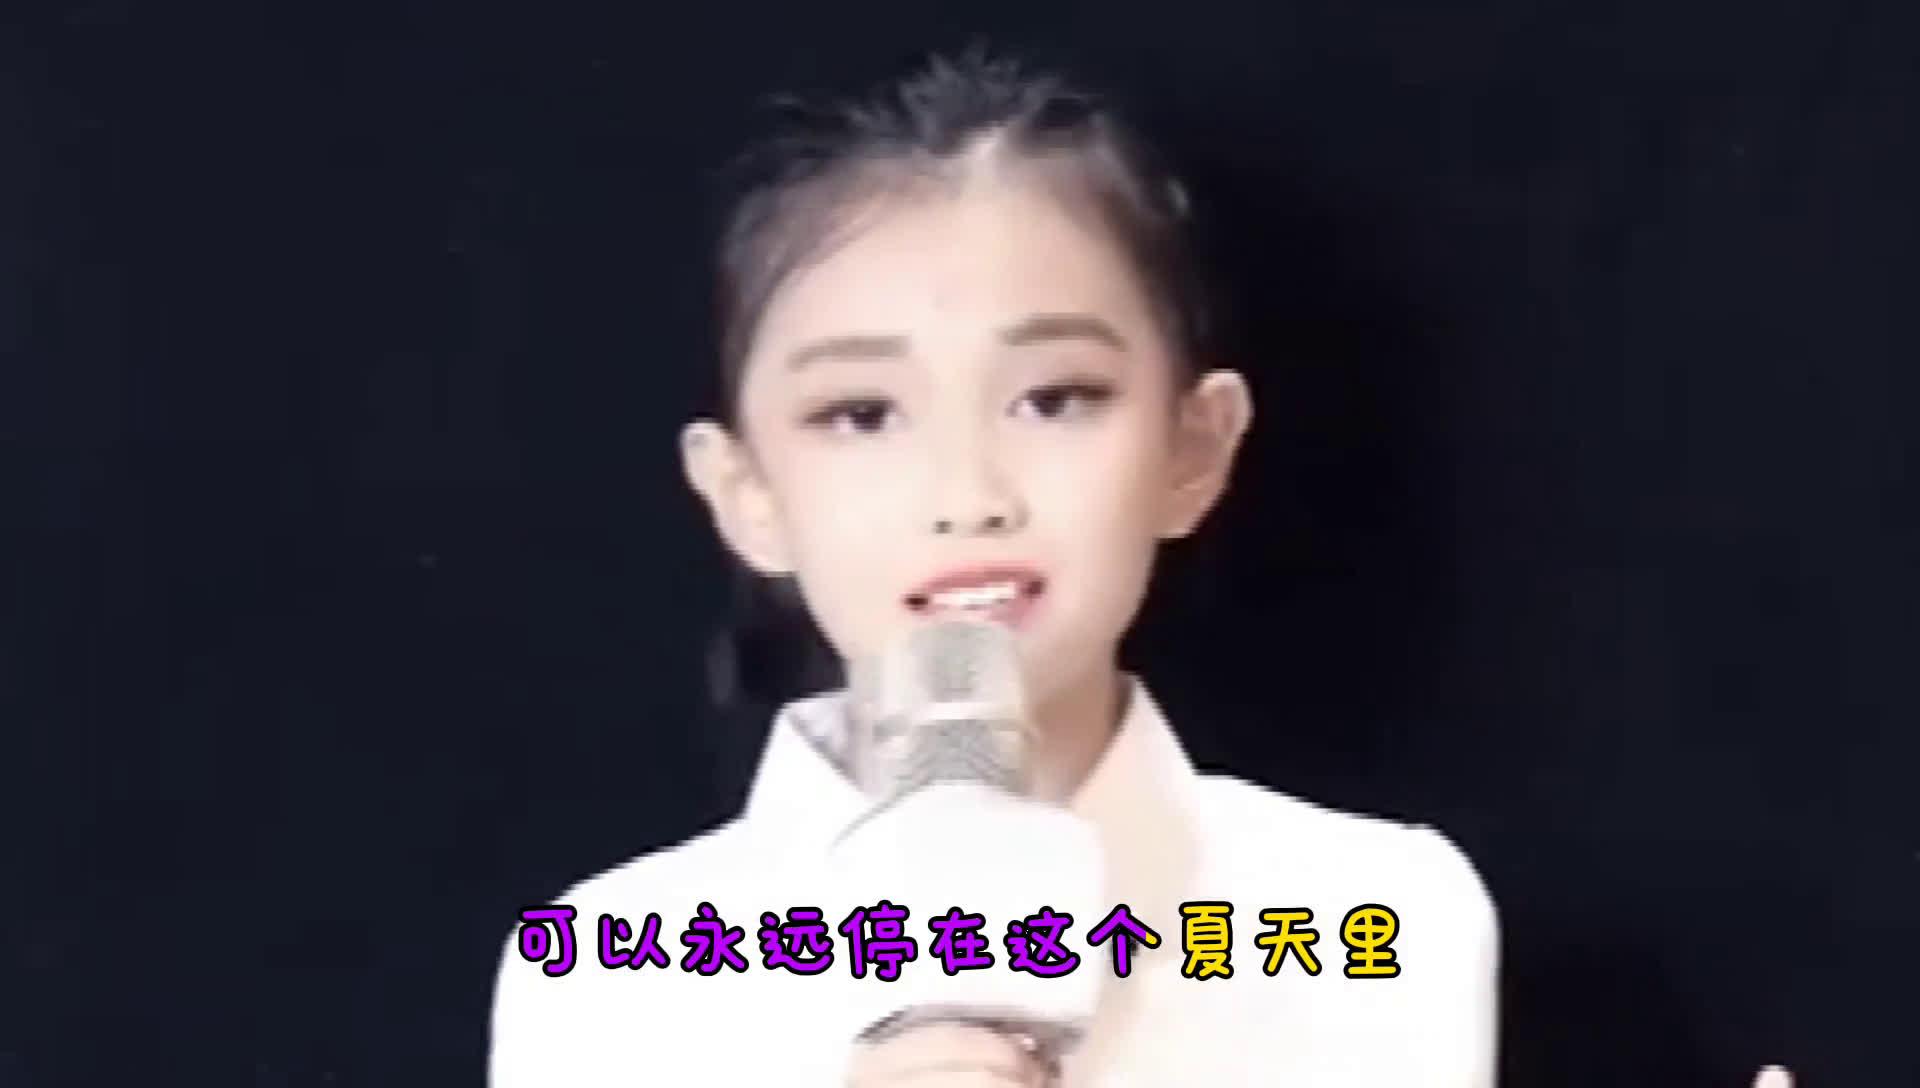 童模宋小睿唱《毕业季》火了,网友:这都是修音师的功劳